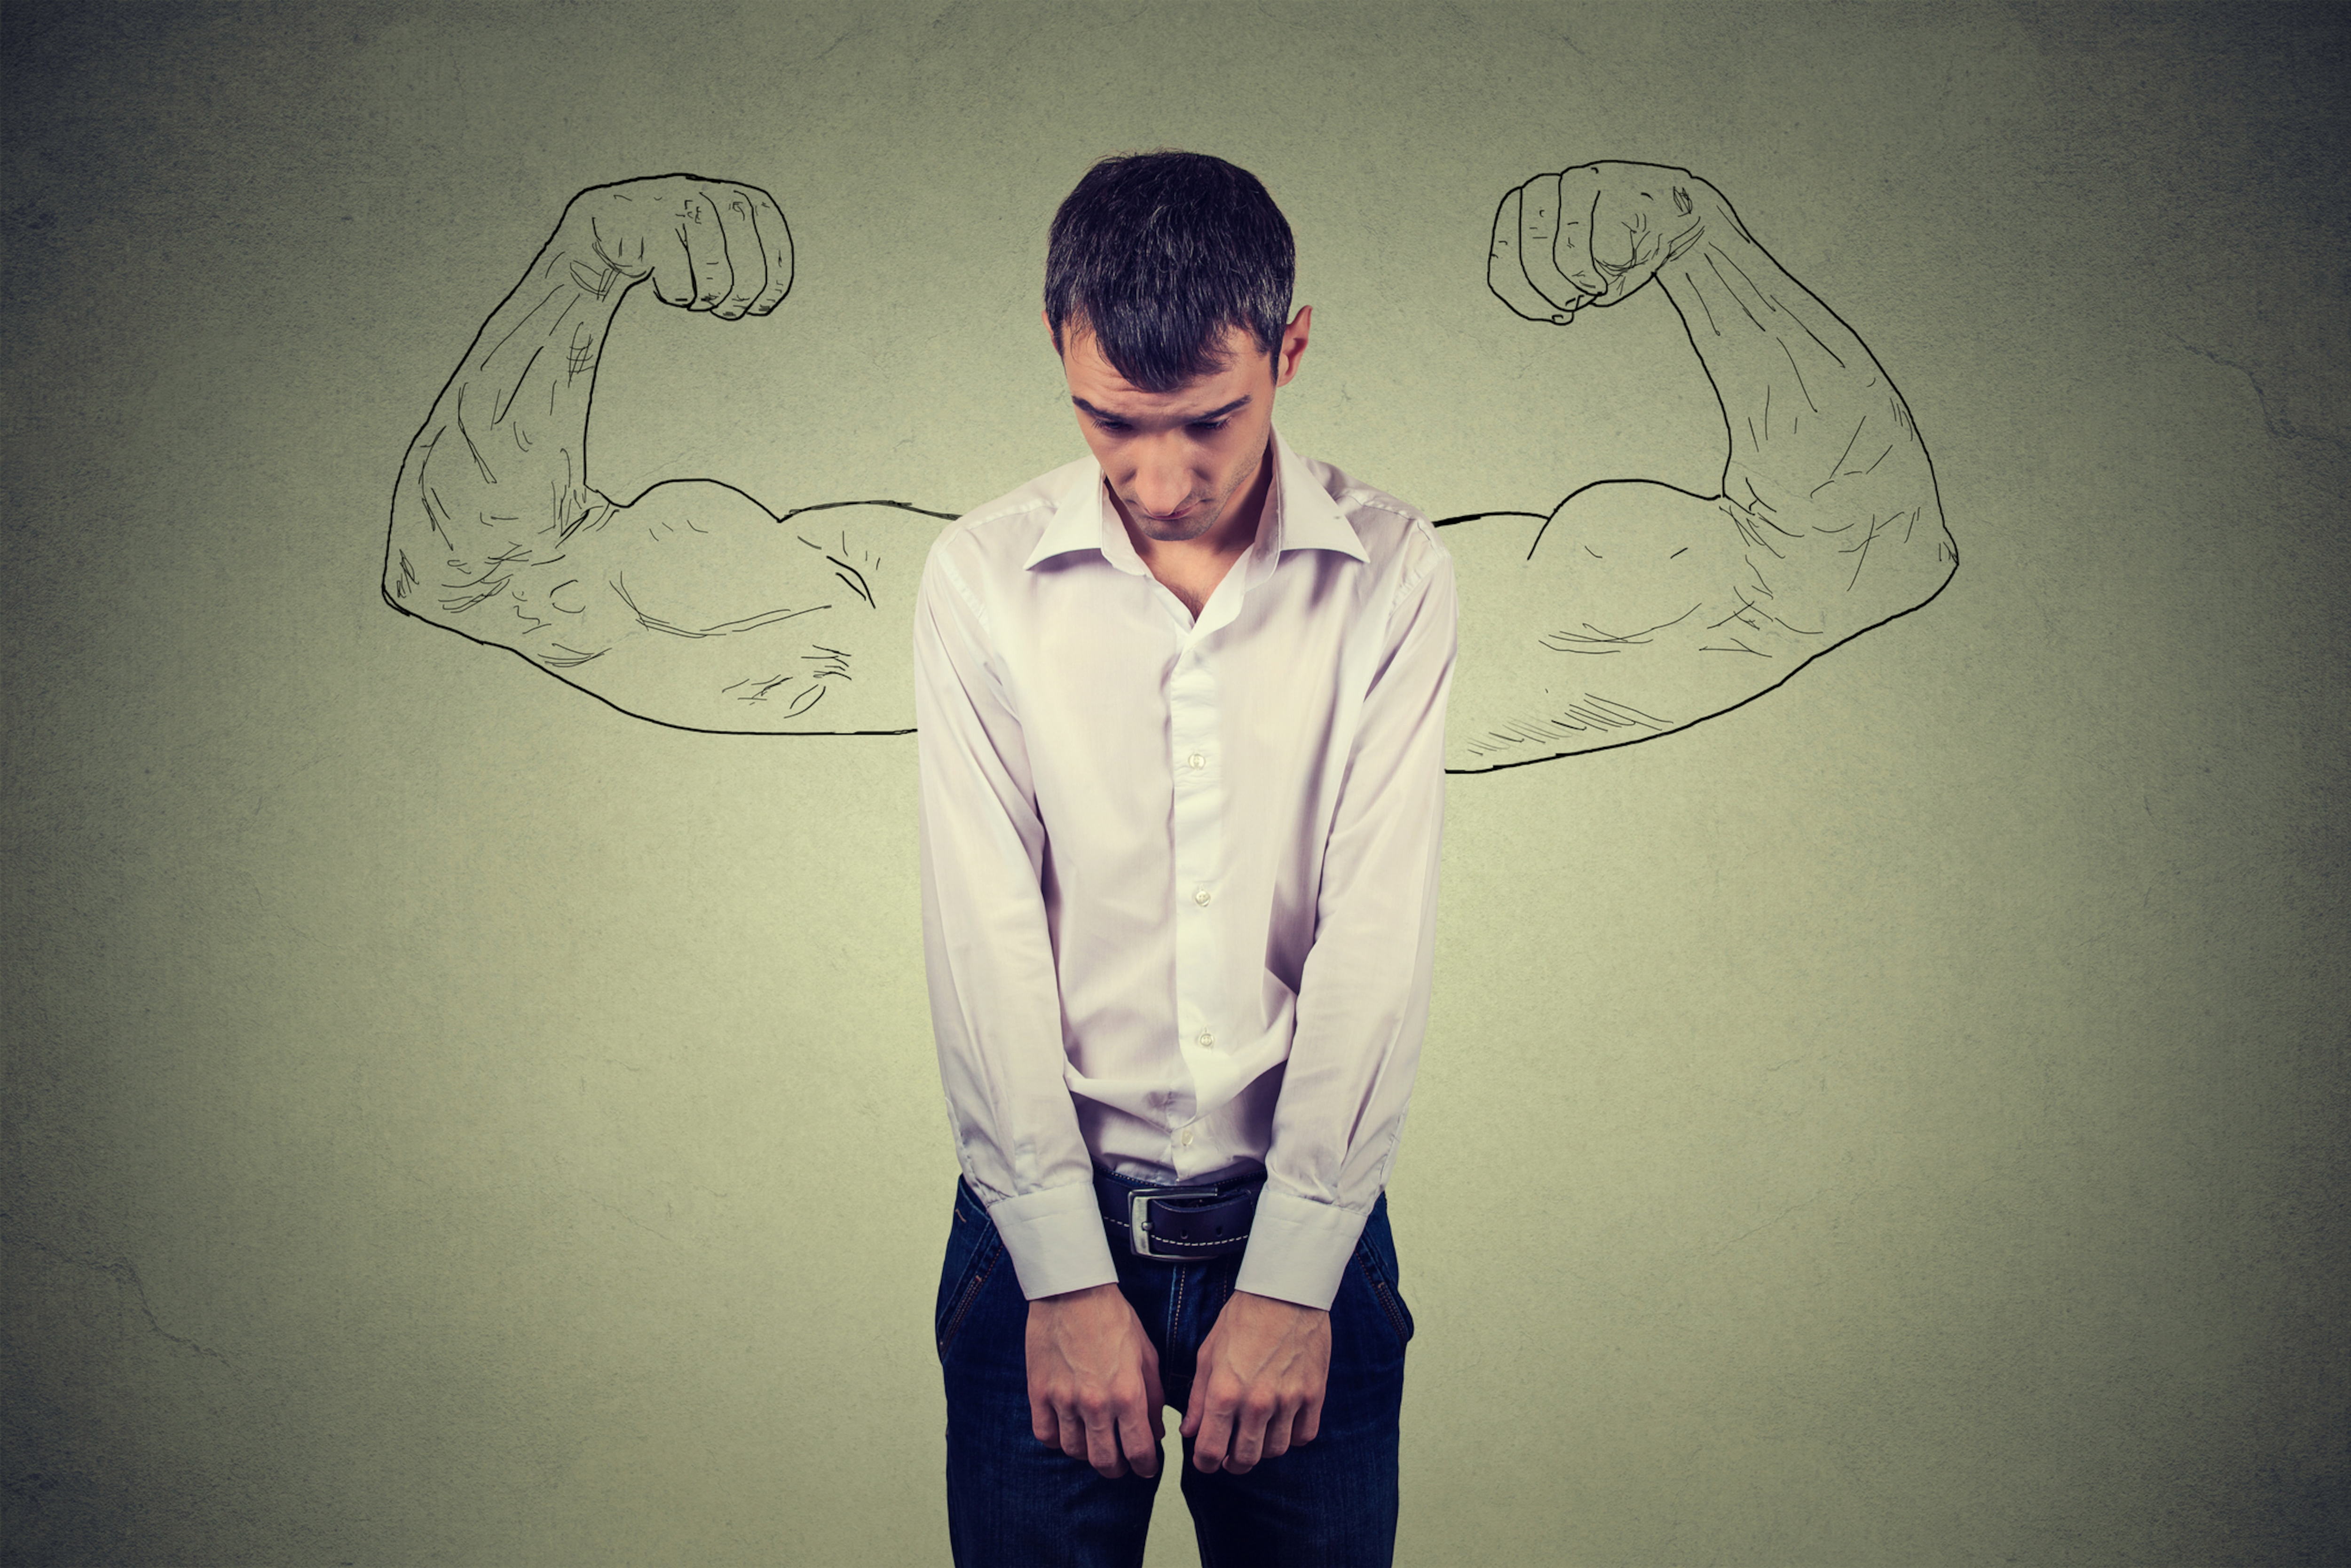 Une jeune homme mince et déprimé, la tête baissée, aimerait avoir des muscles comme ceux dessinés sur un mur derrière lui.